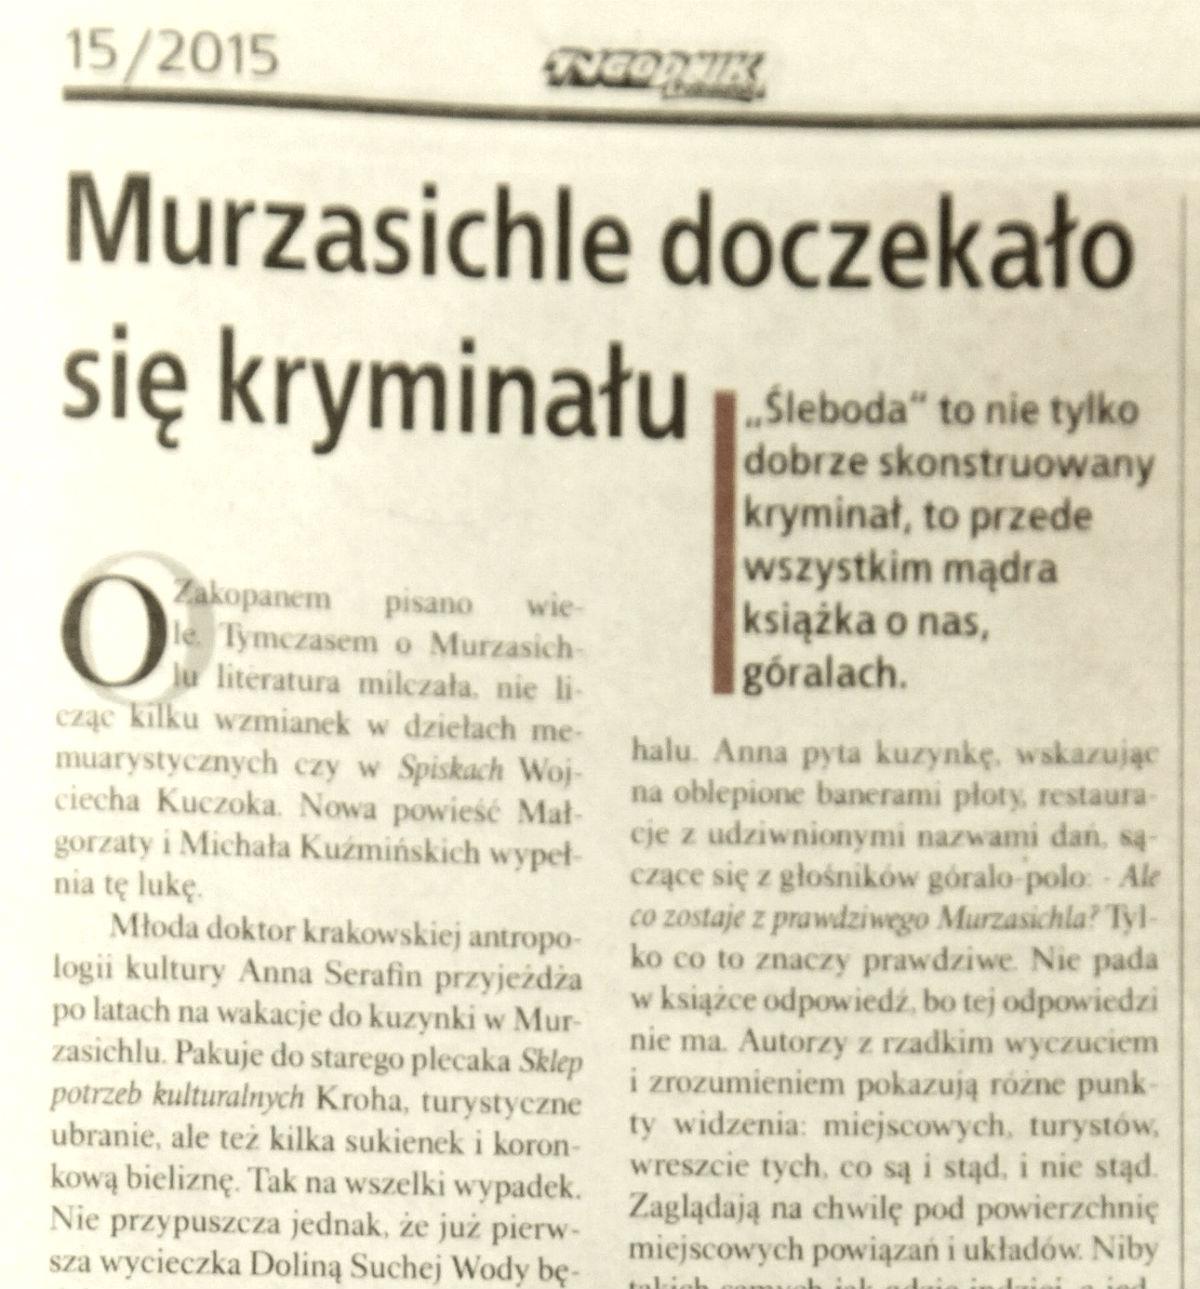 Recenzja z Tygodnika Podhalańskiego 15/2015